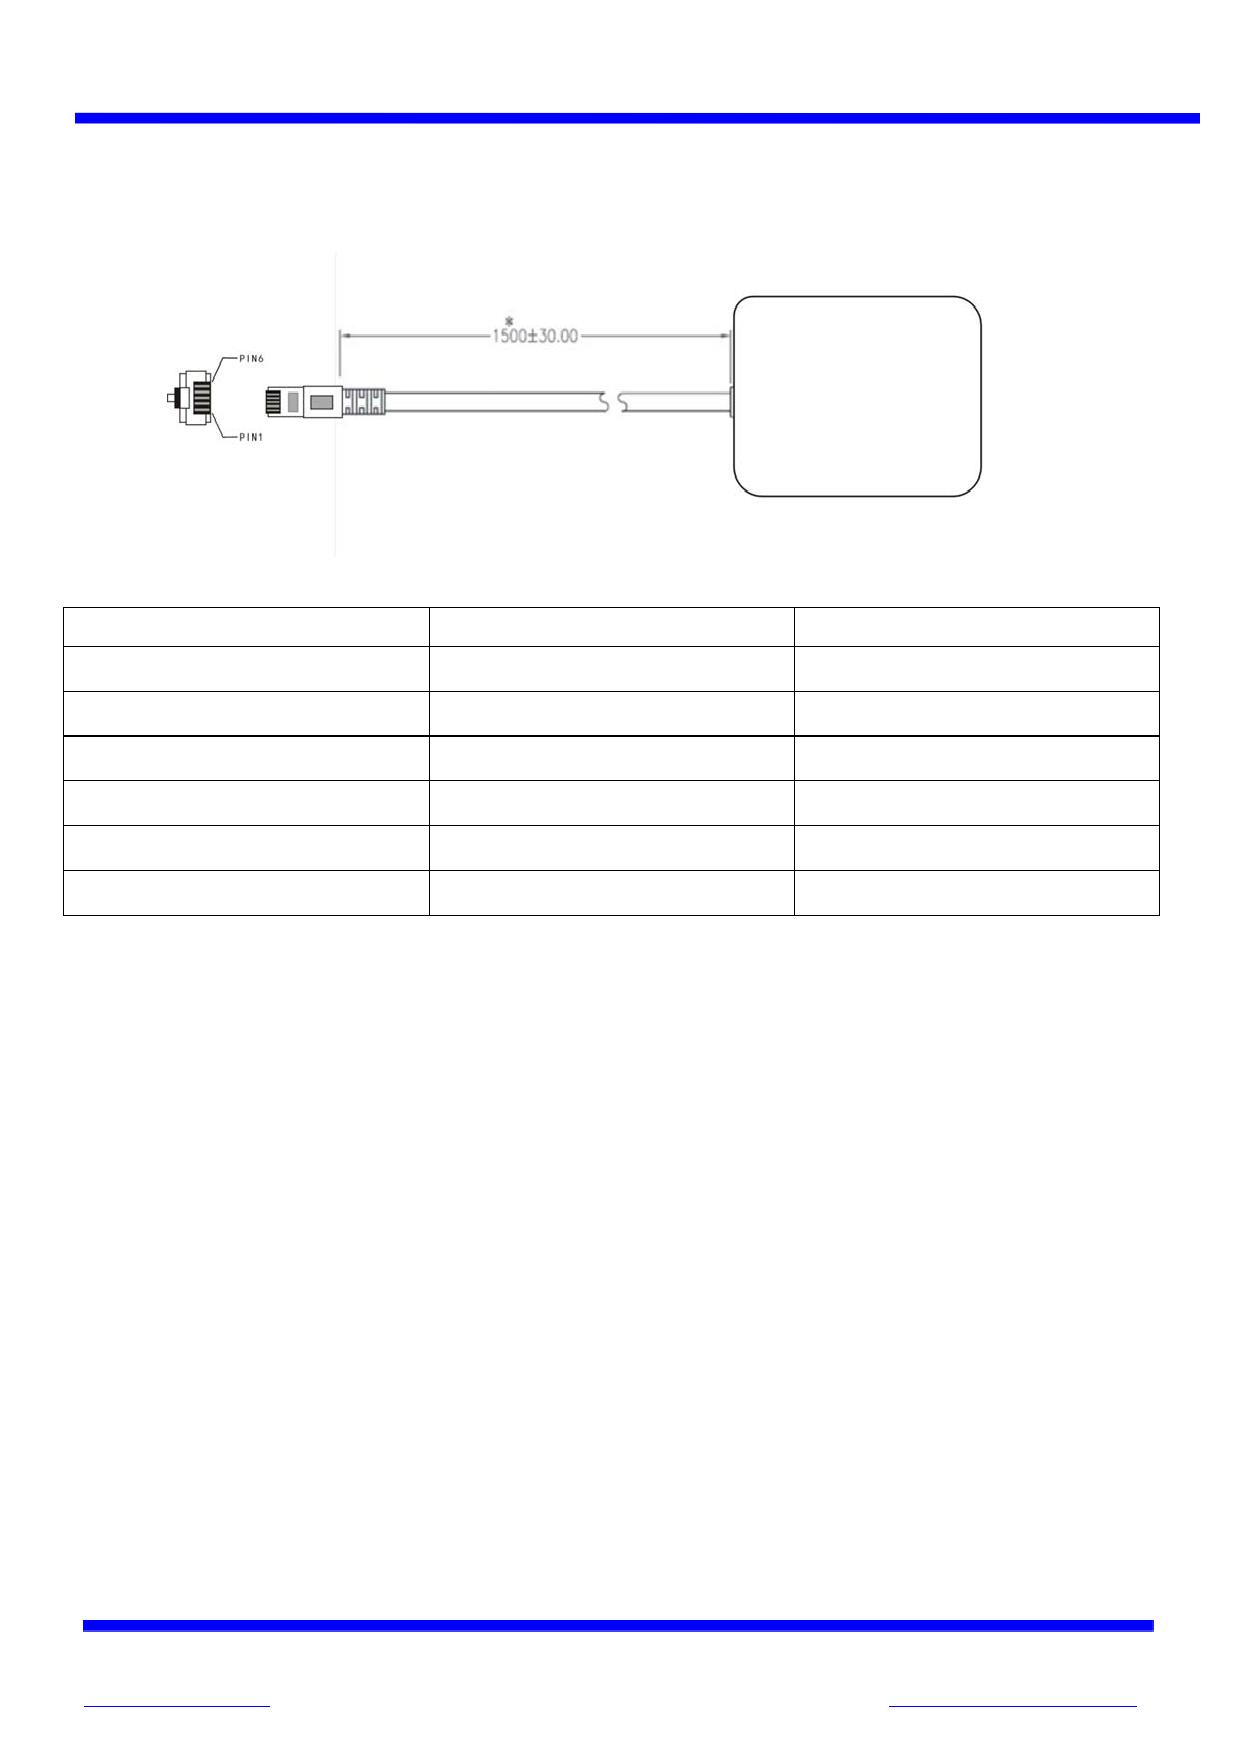 GPS93030SE253 pdf, ピン配列